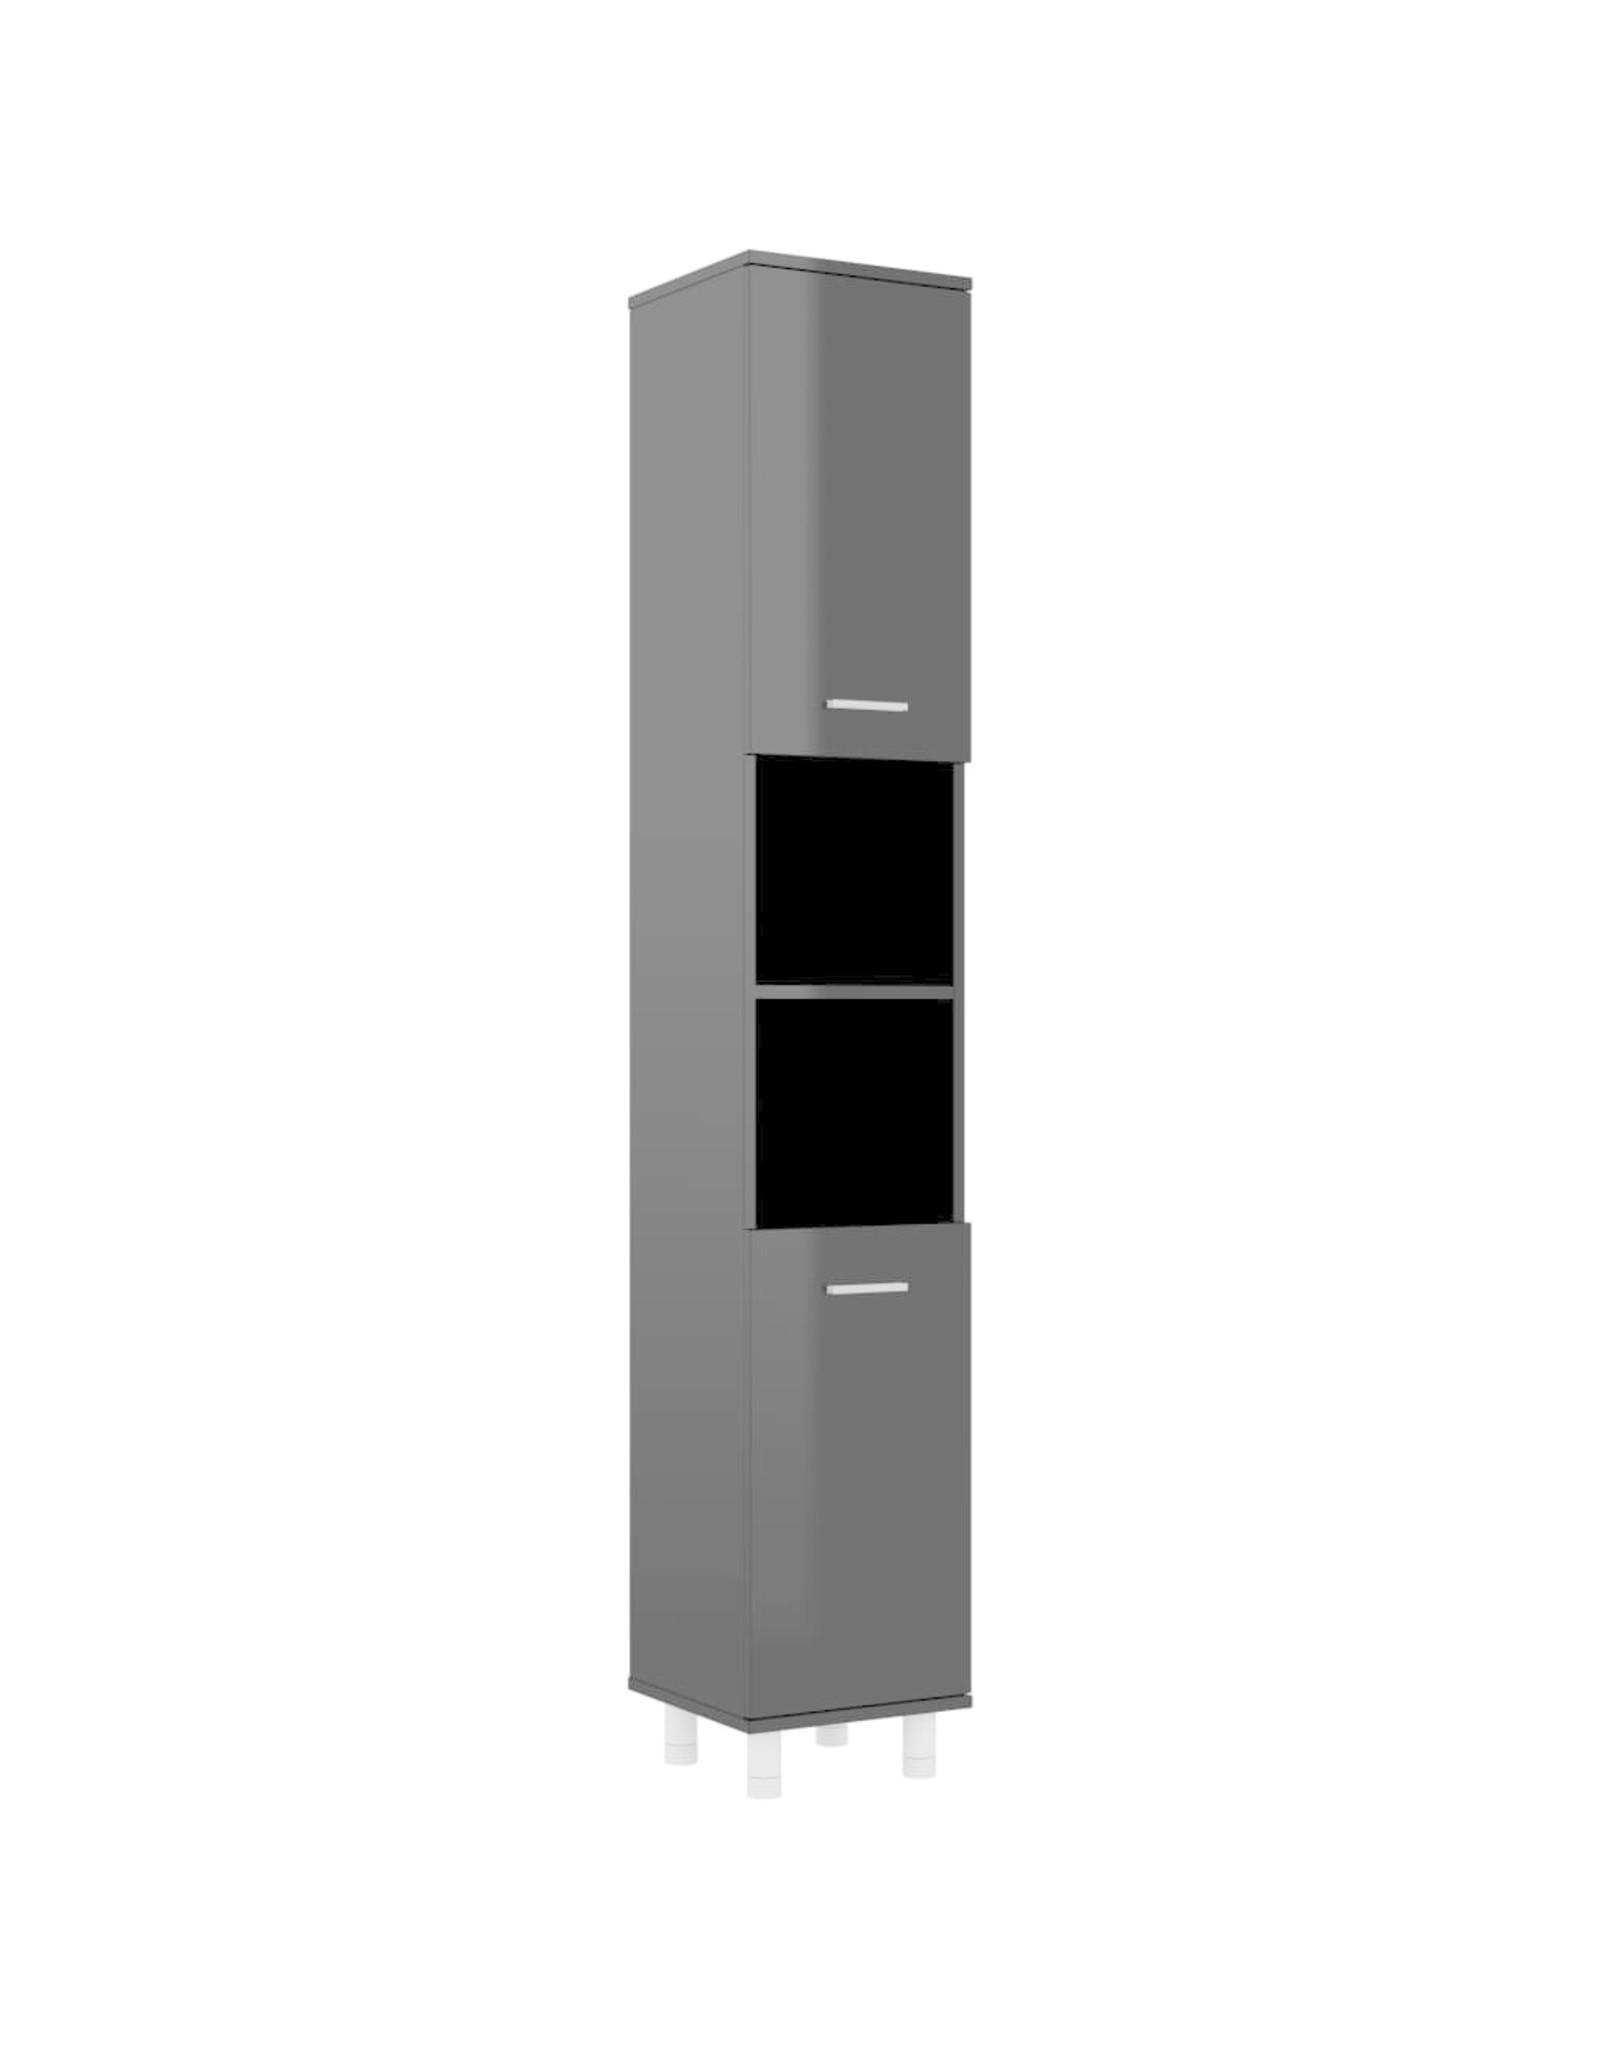 Badkamerkast 30x30x179 cm spaanplaat hoogglans zwart